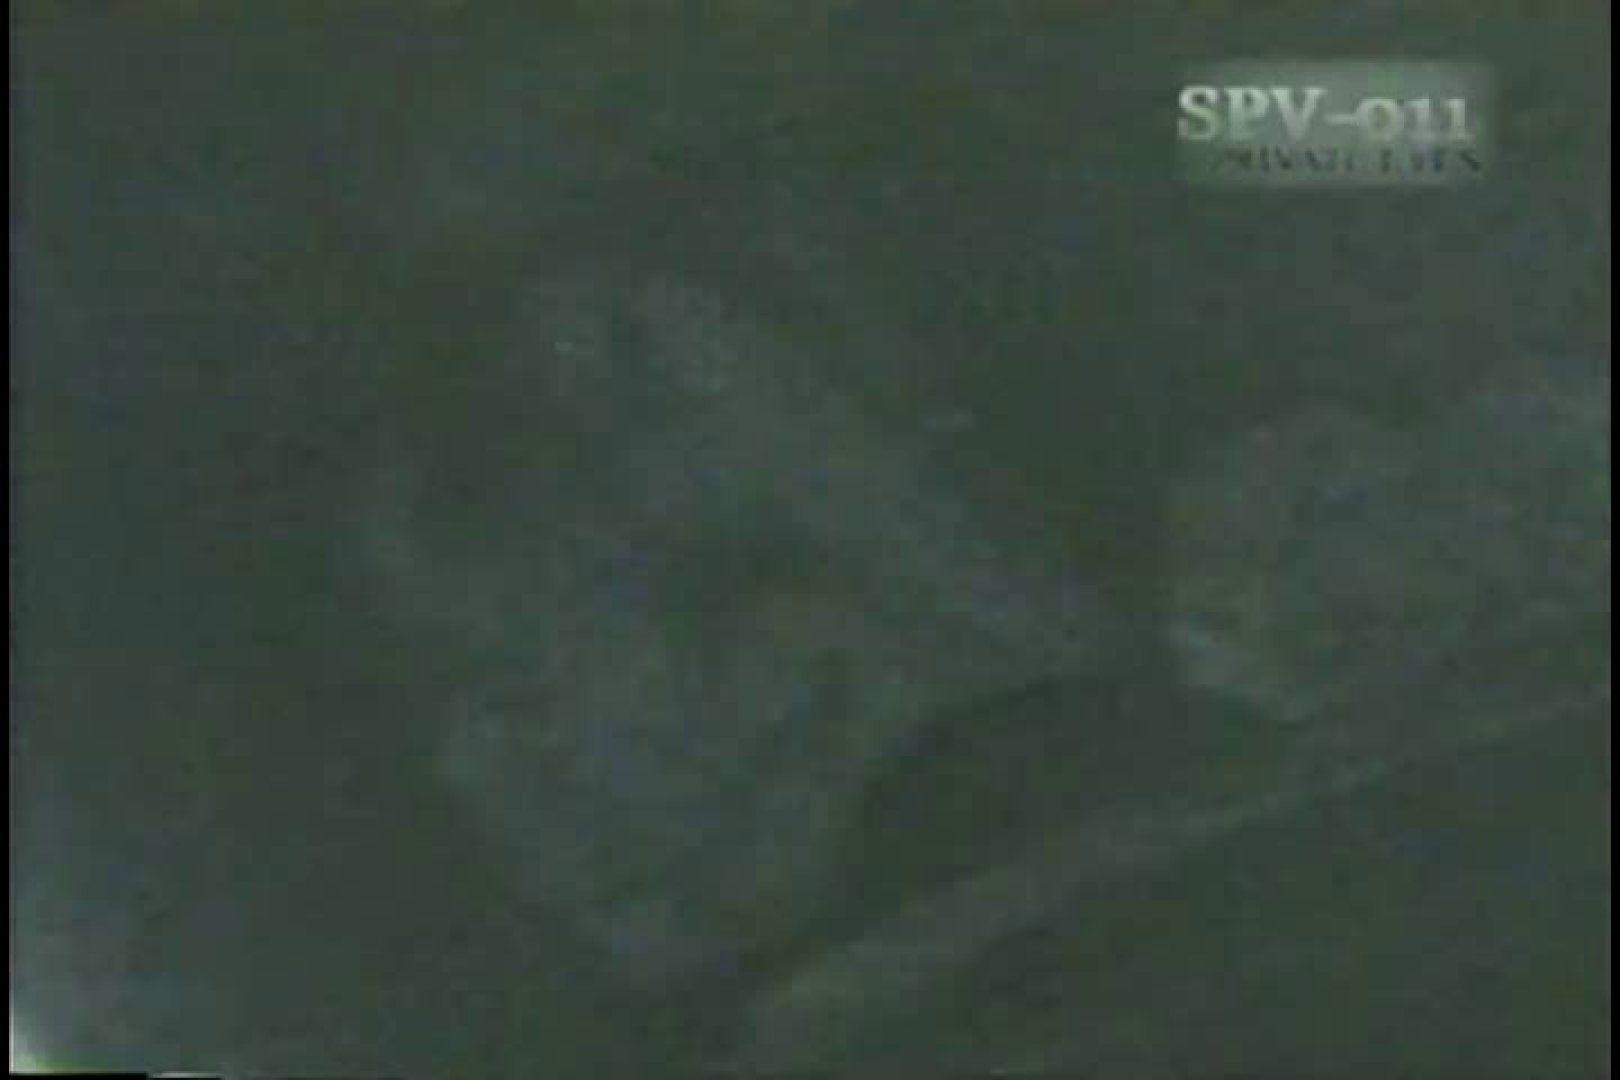 高画質版!SPD-011 盗撮 カーセックス黙示録 (VHS) プライベート AV動画キャプチャ 107PIX 51